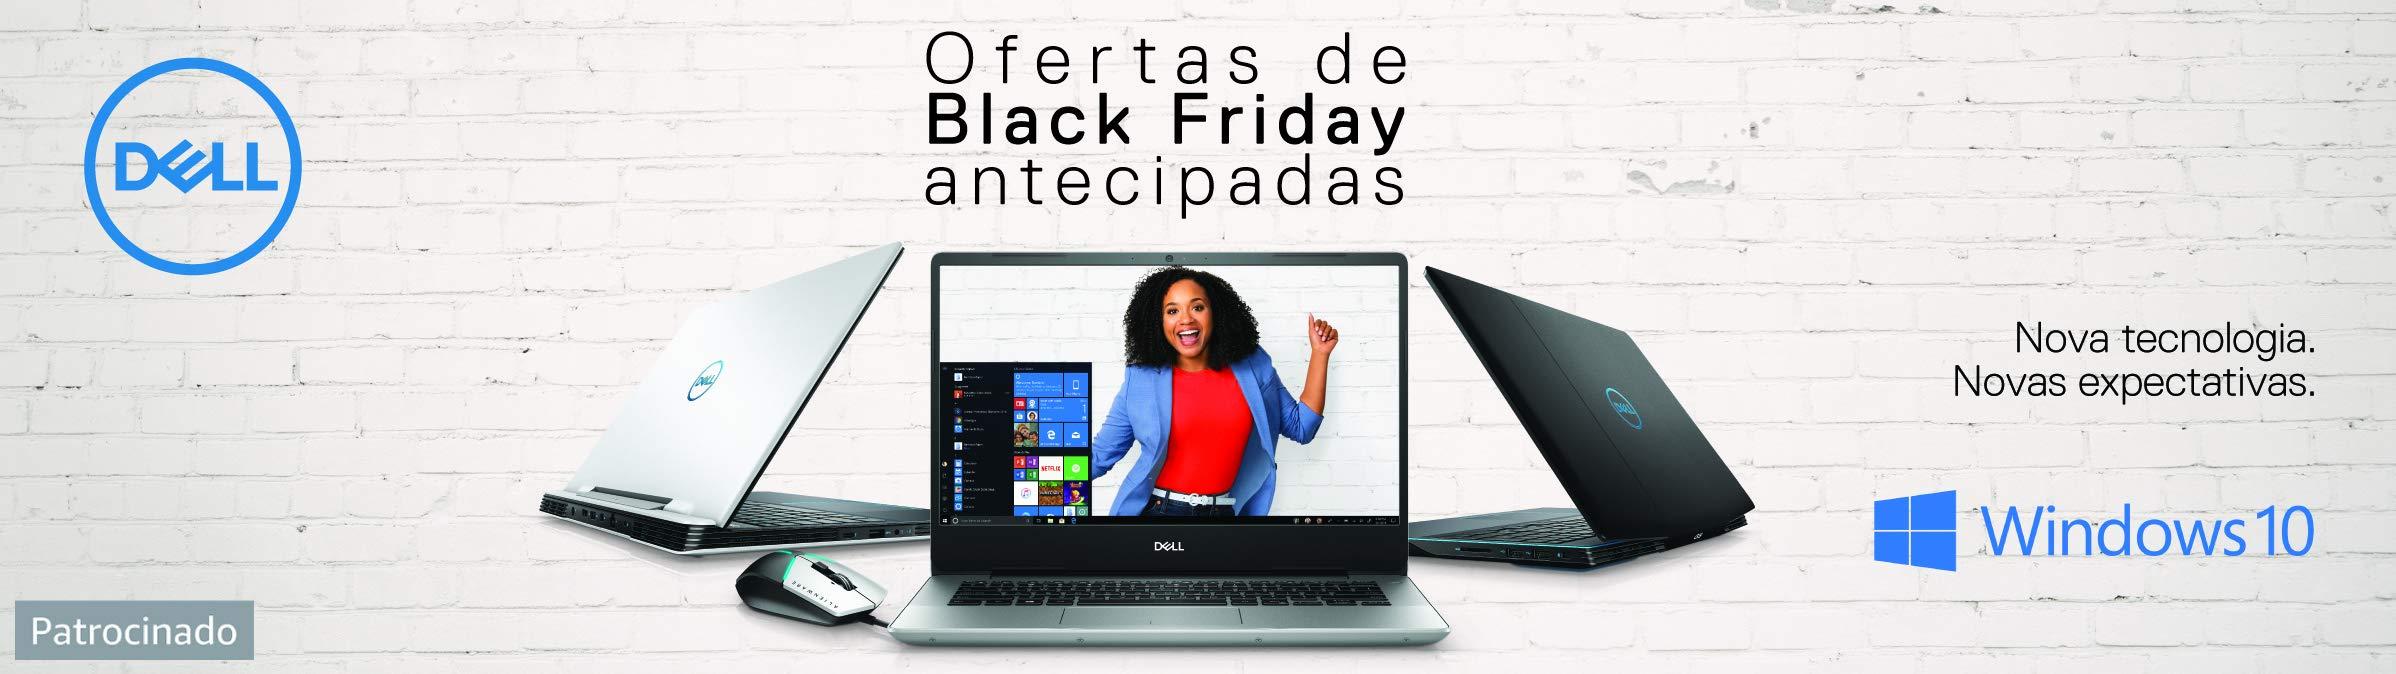 Ofertas de Black Friday antecipadas Dell